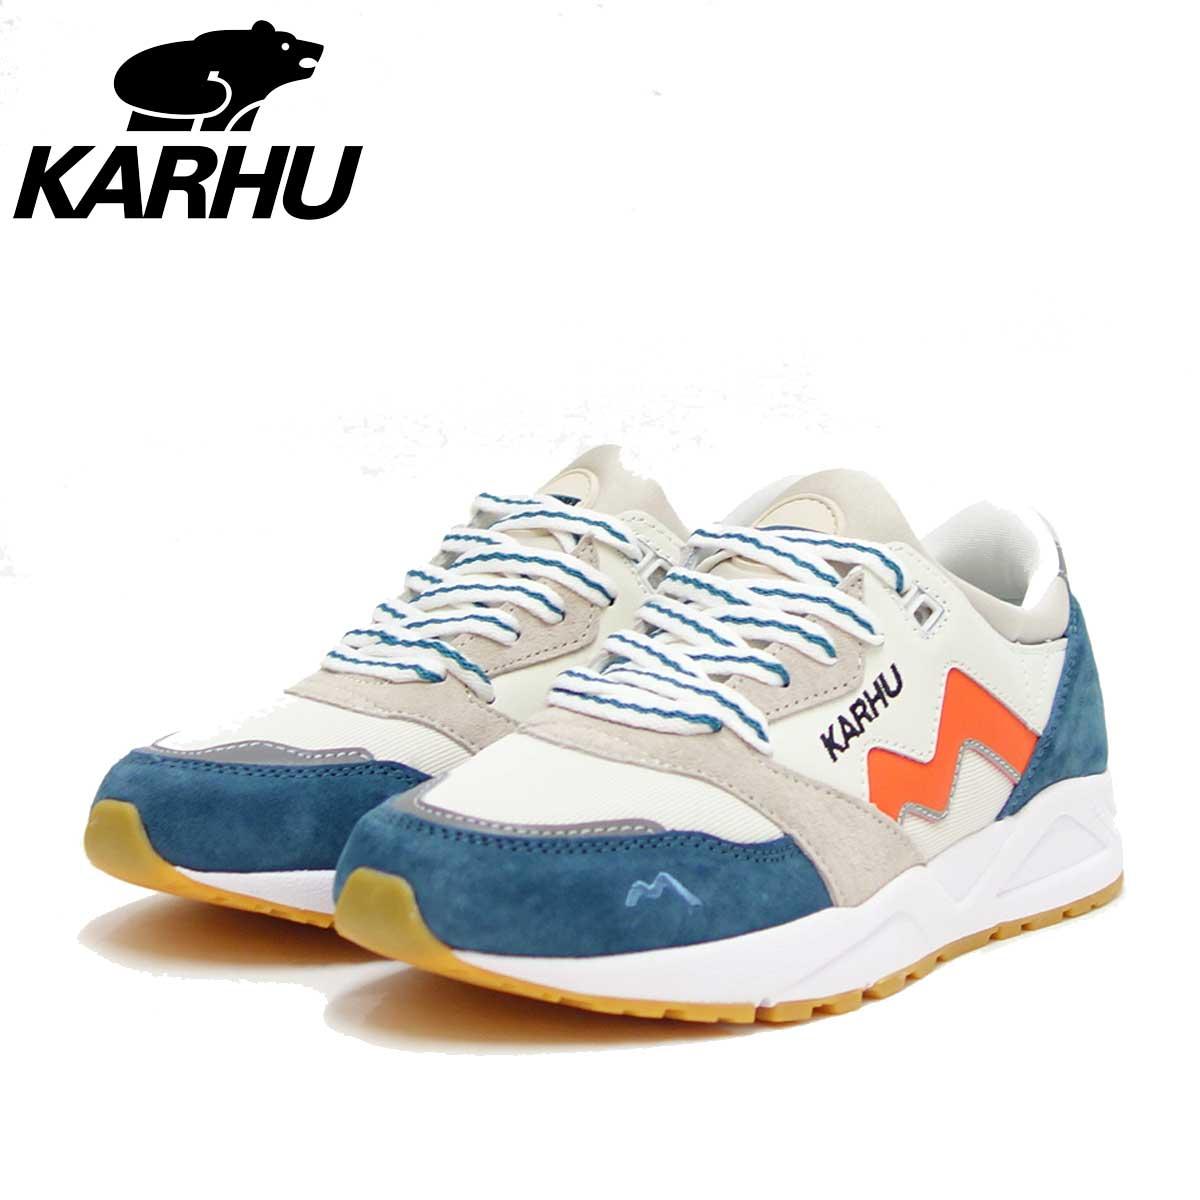 カルフ KARHU KH 803060 スターゲーザー/フレイム(ユニセックス) ARIA 95(アリア) 「靴」画像